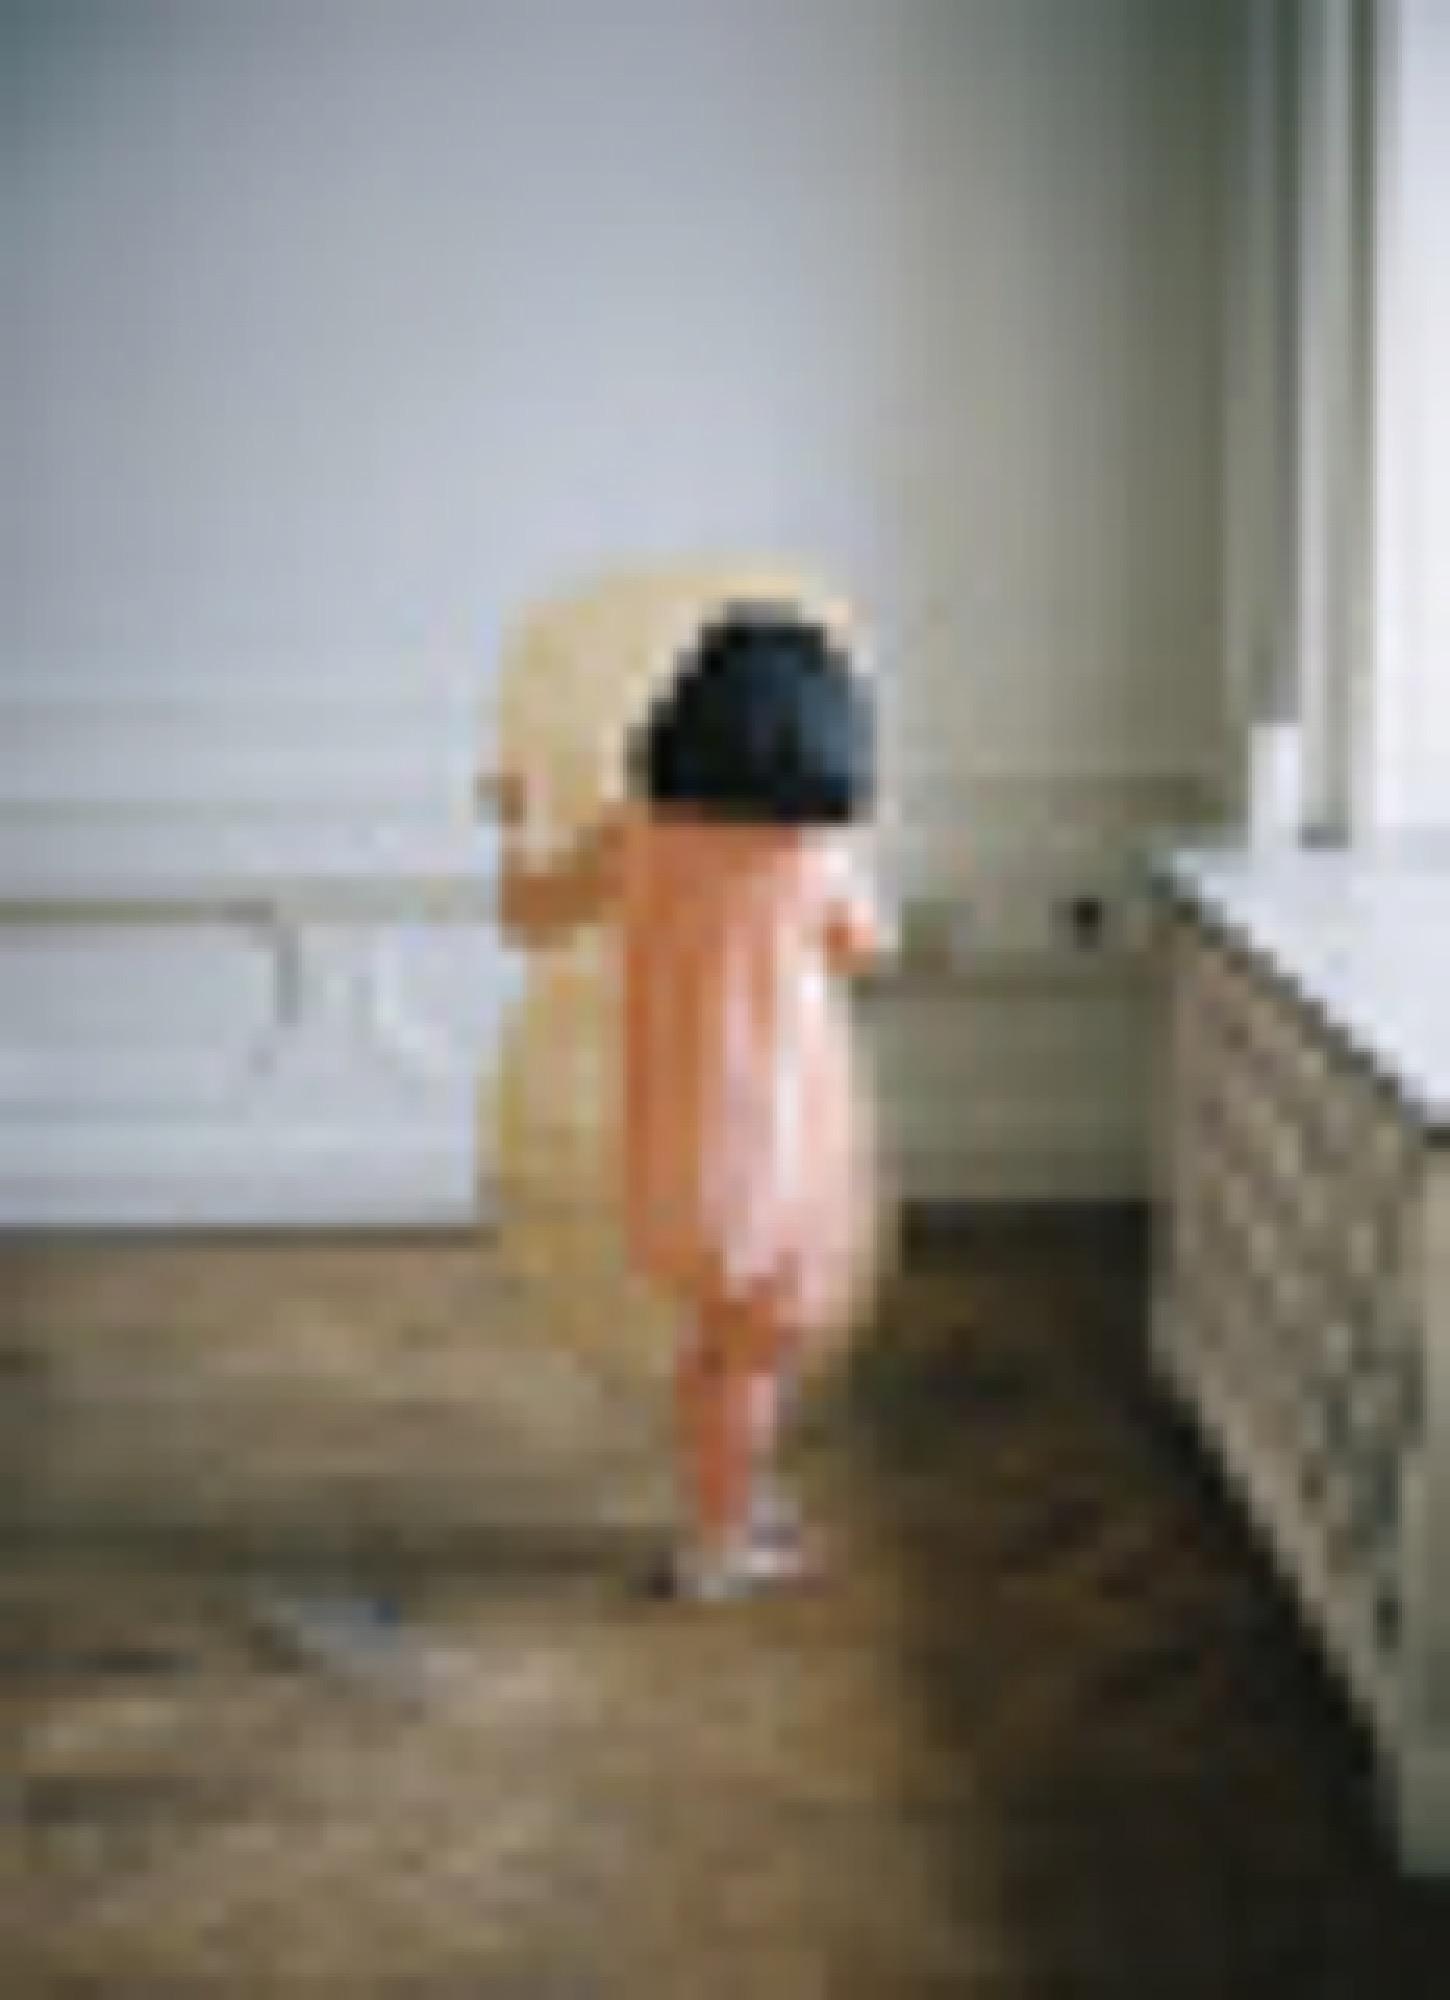 Private Language 2012 - project with artist Malin Gabriella Nordin